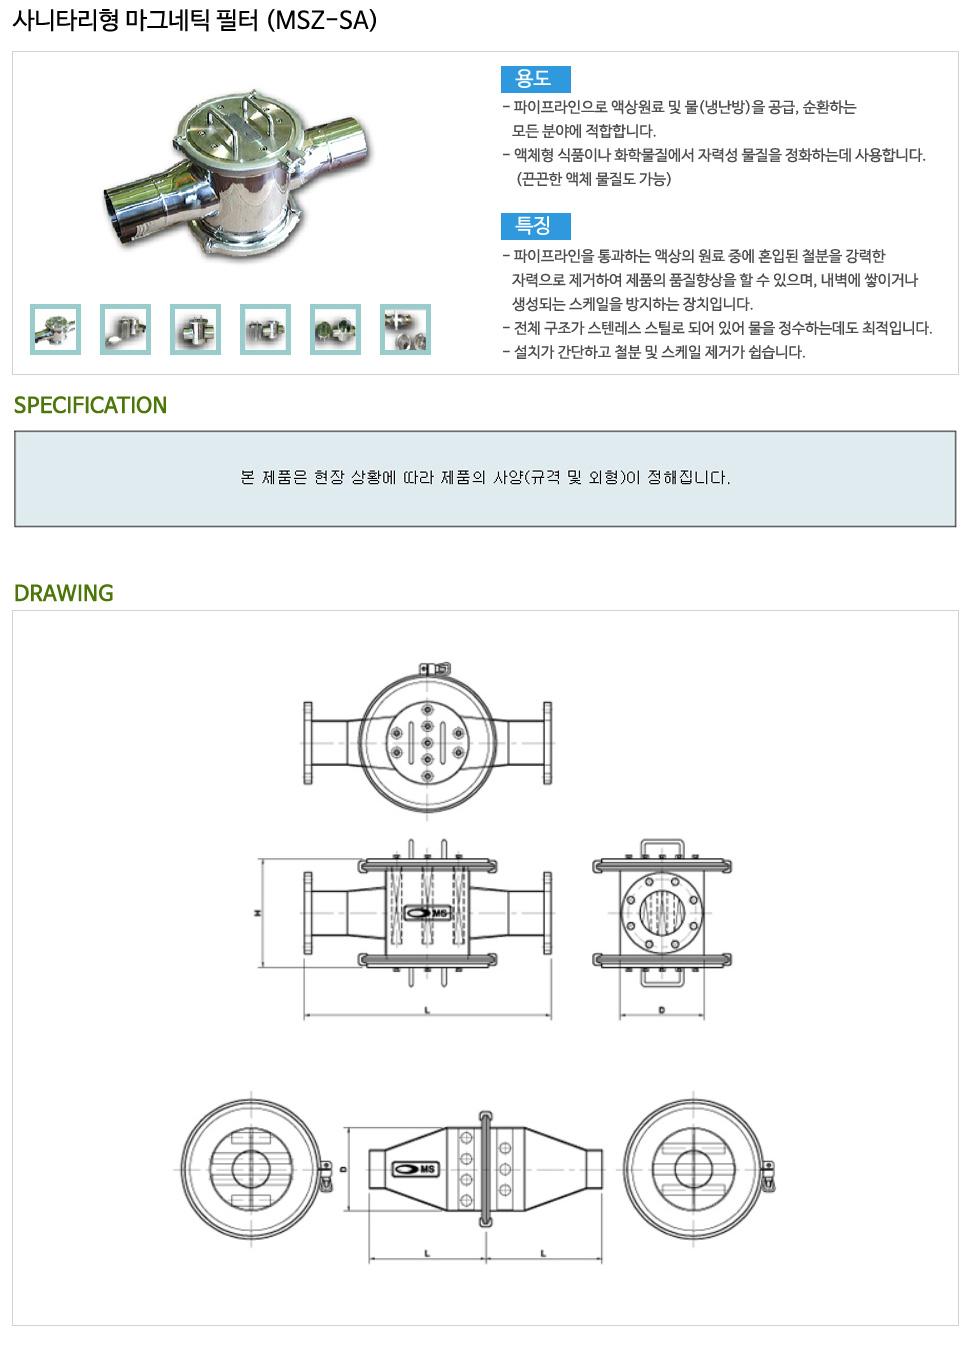 (주)명성마그네트 사니타리형 MSZ-SA-Series